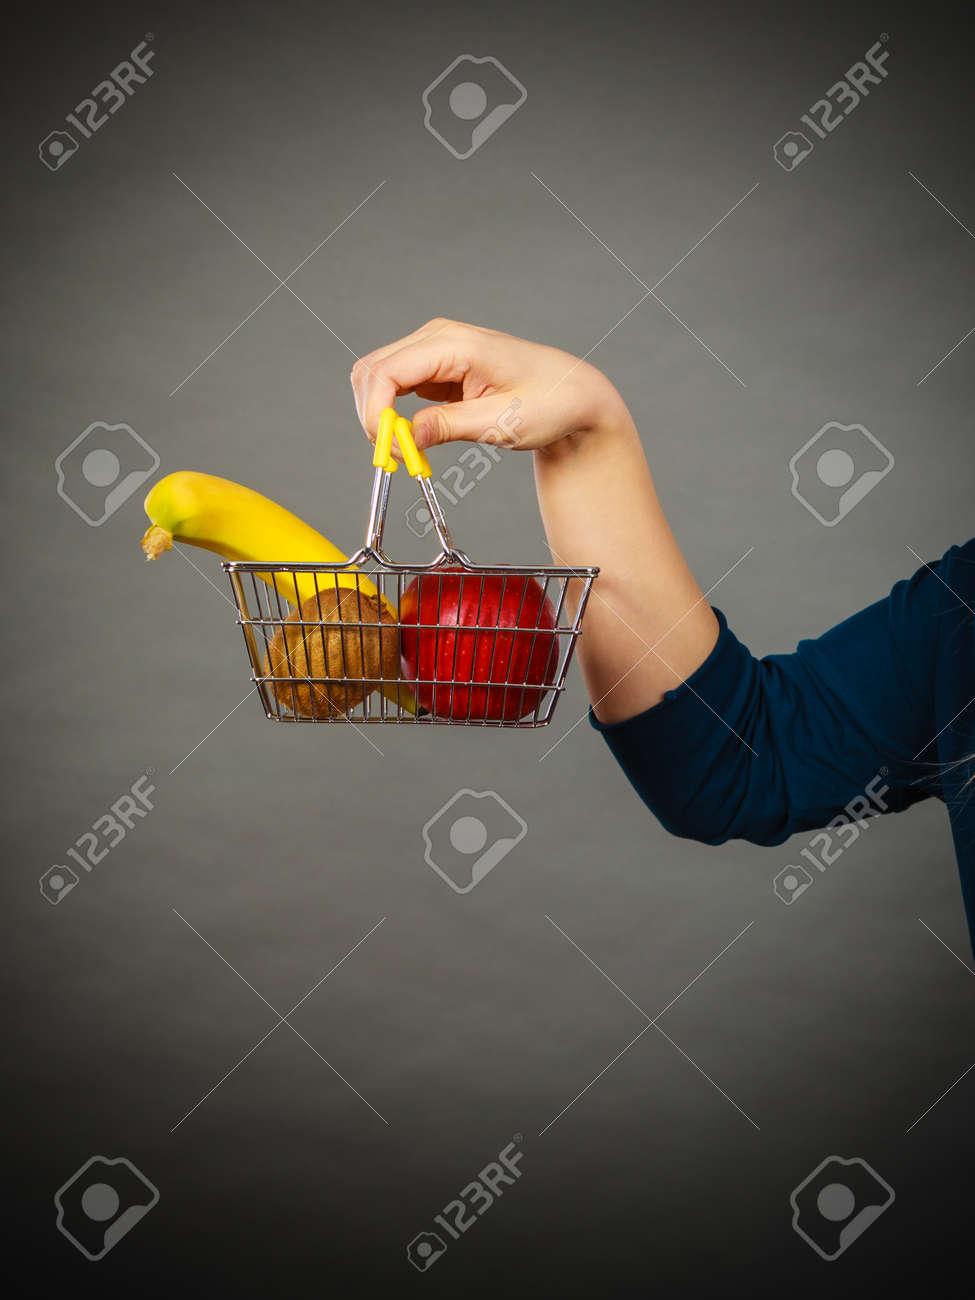 gluten free diet grocery cart